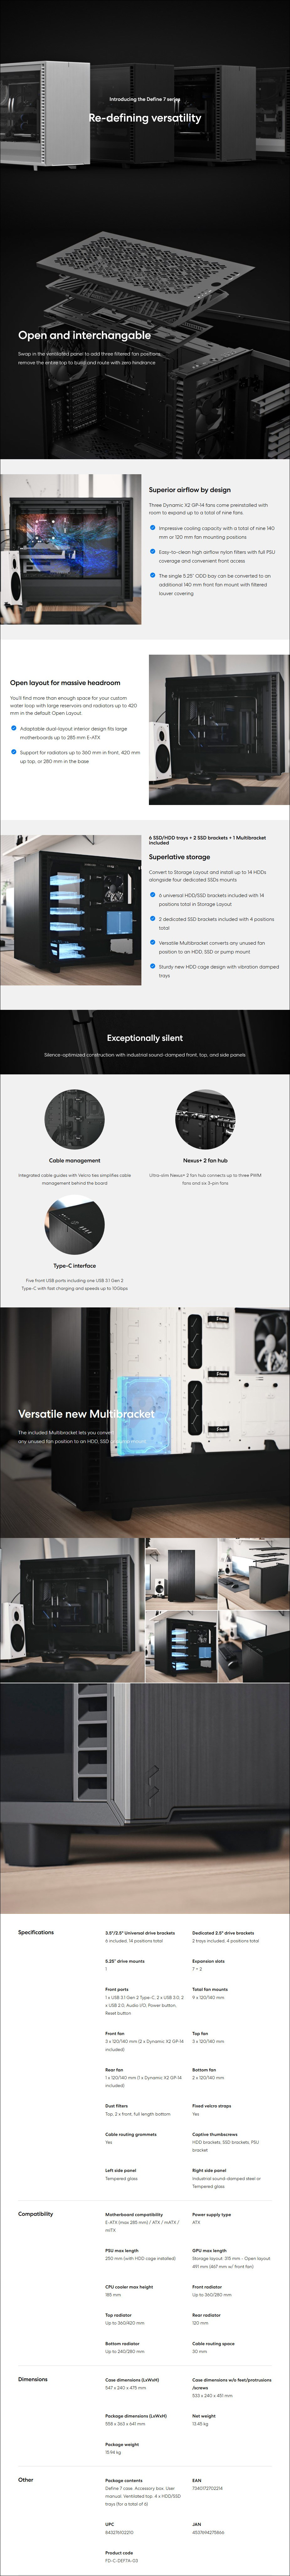 fractal-design-define-7-dark-tempereda-glass-midtower-eatx-case-black-ac32563-12.jpg